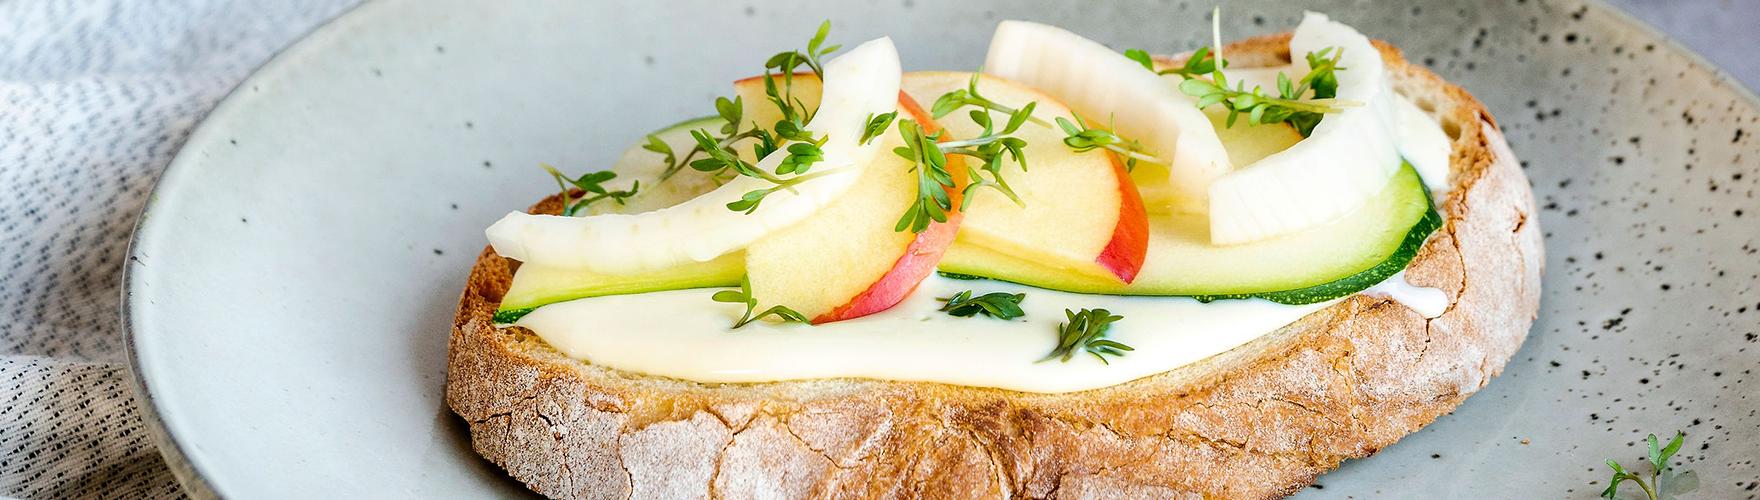 Rustieke boterham met roomzachte smeerkaas, courgette, appel, venkel en tuinkers